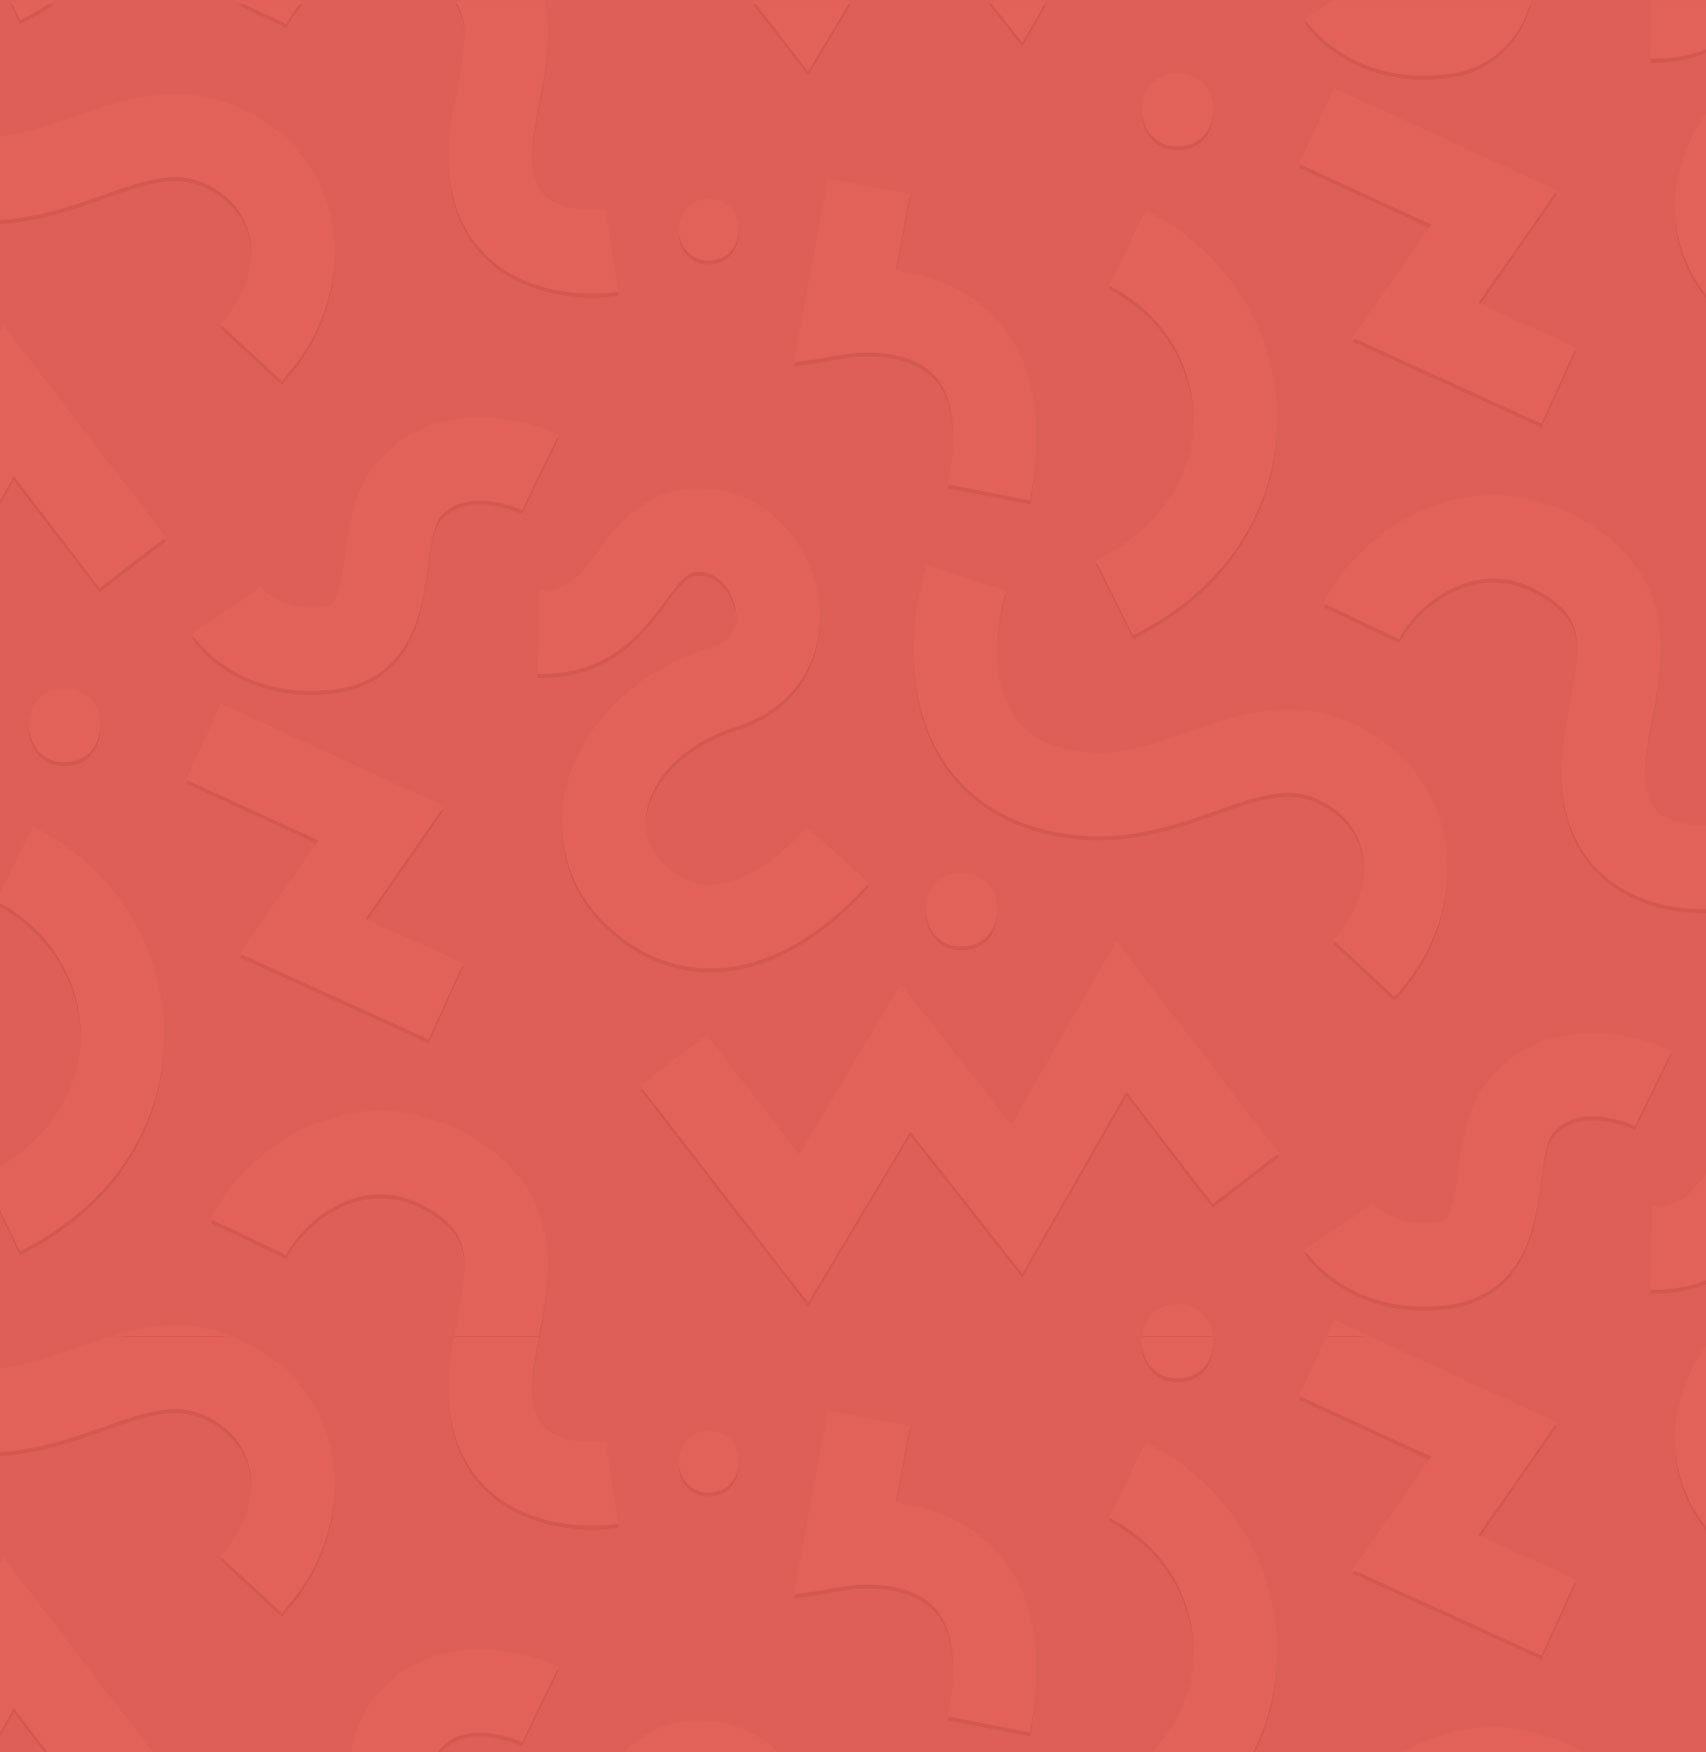 large-orange-background